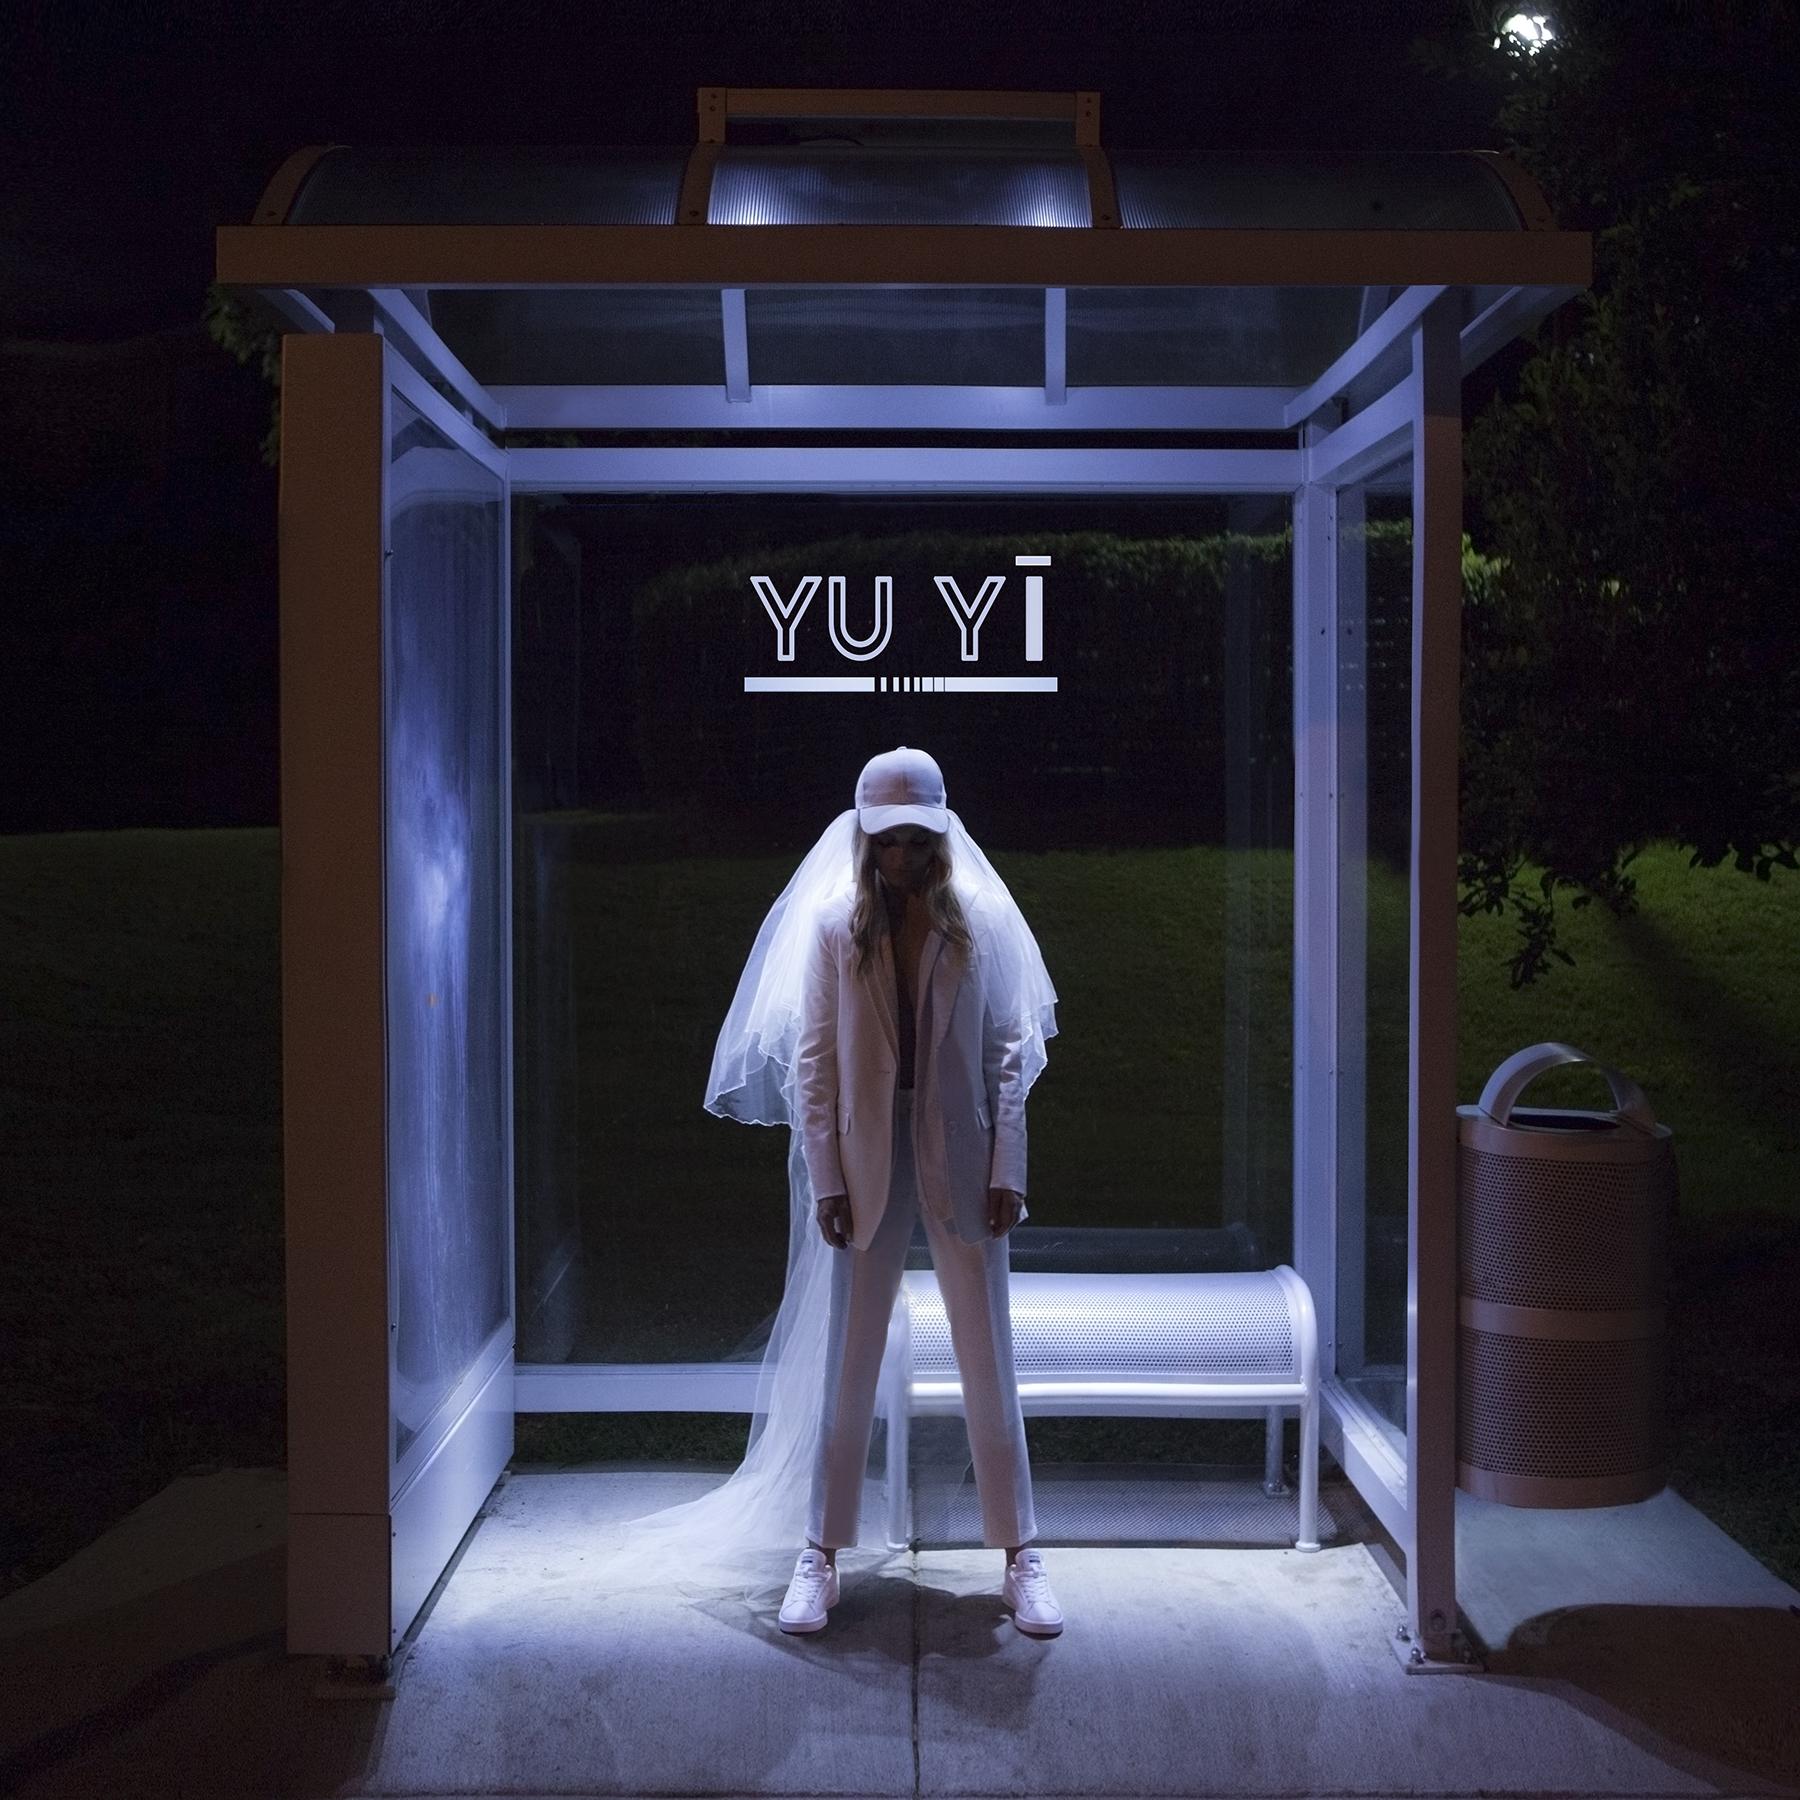 YUYĪ cover